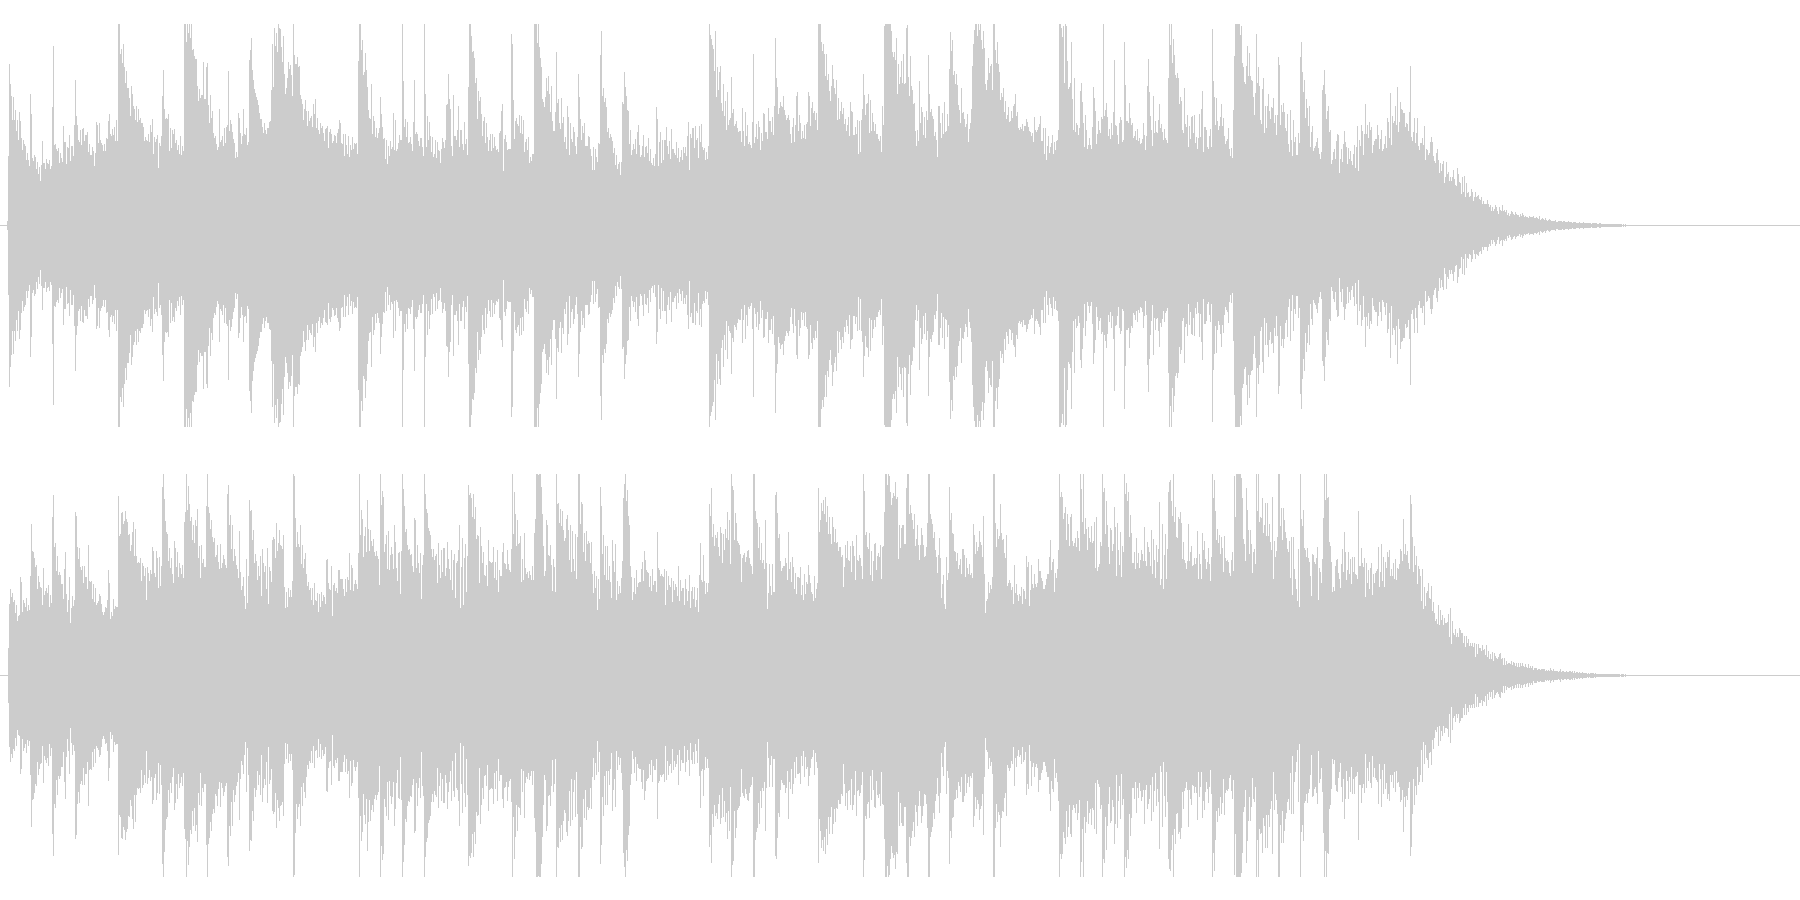 ピアノジングル 優しく感動的ほのぼの癒しの未再生の波形